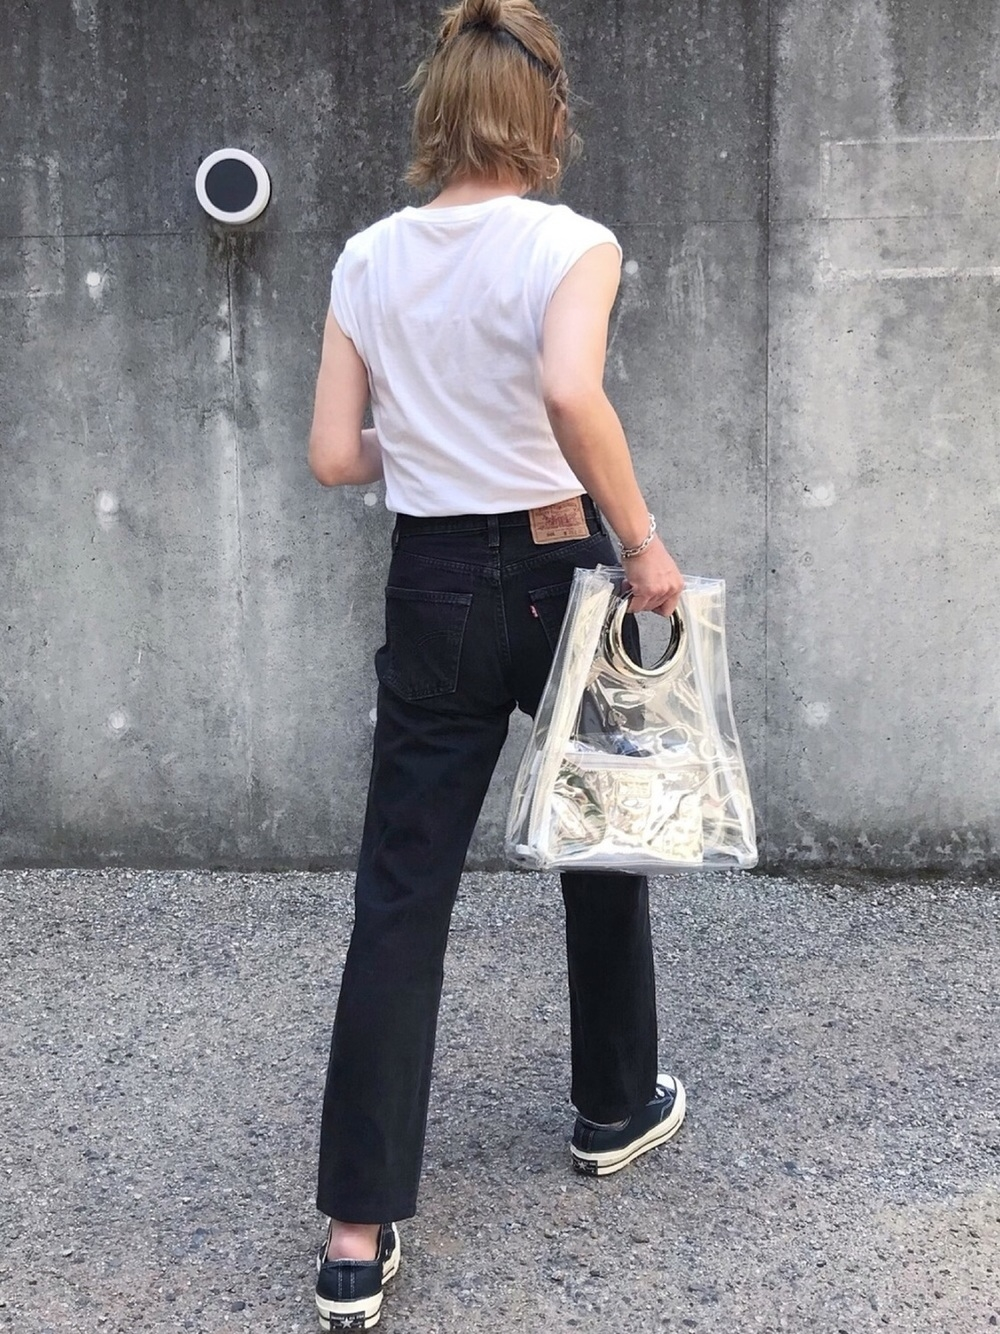 |クリアバッグで定番コーデがお洒落に変身